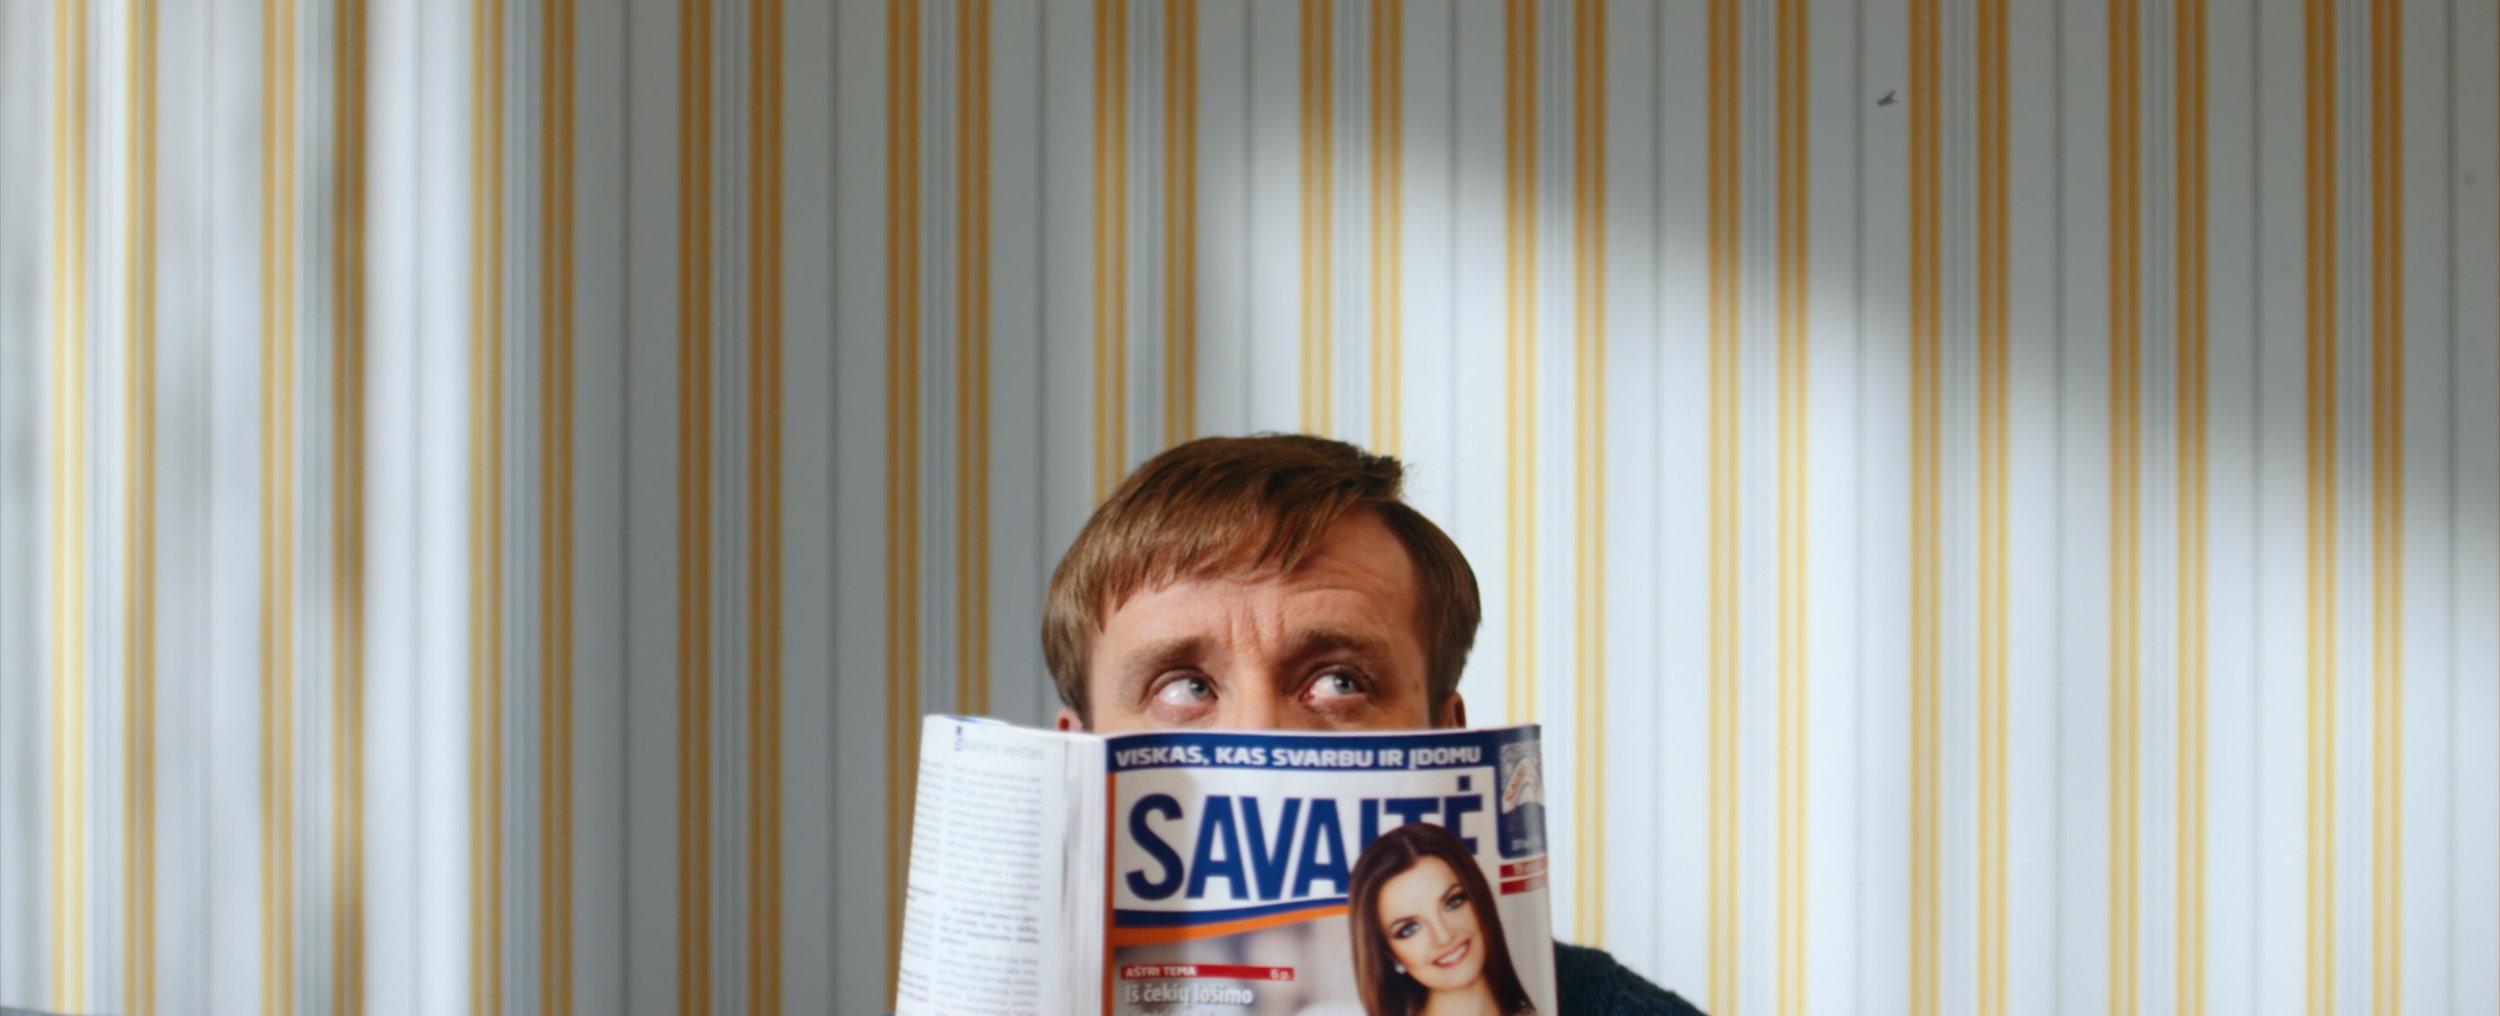 SAVAITE.jpg